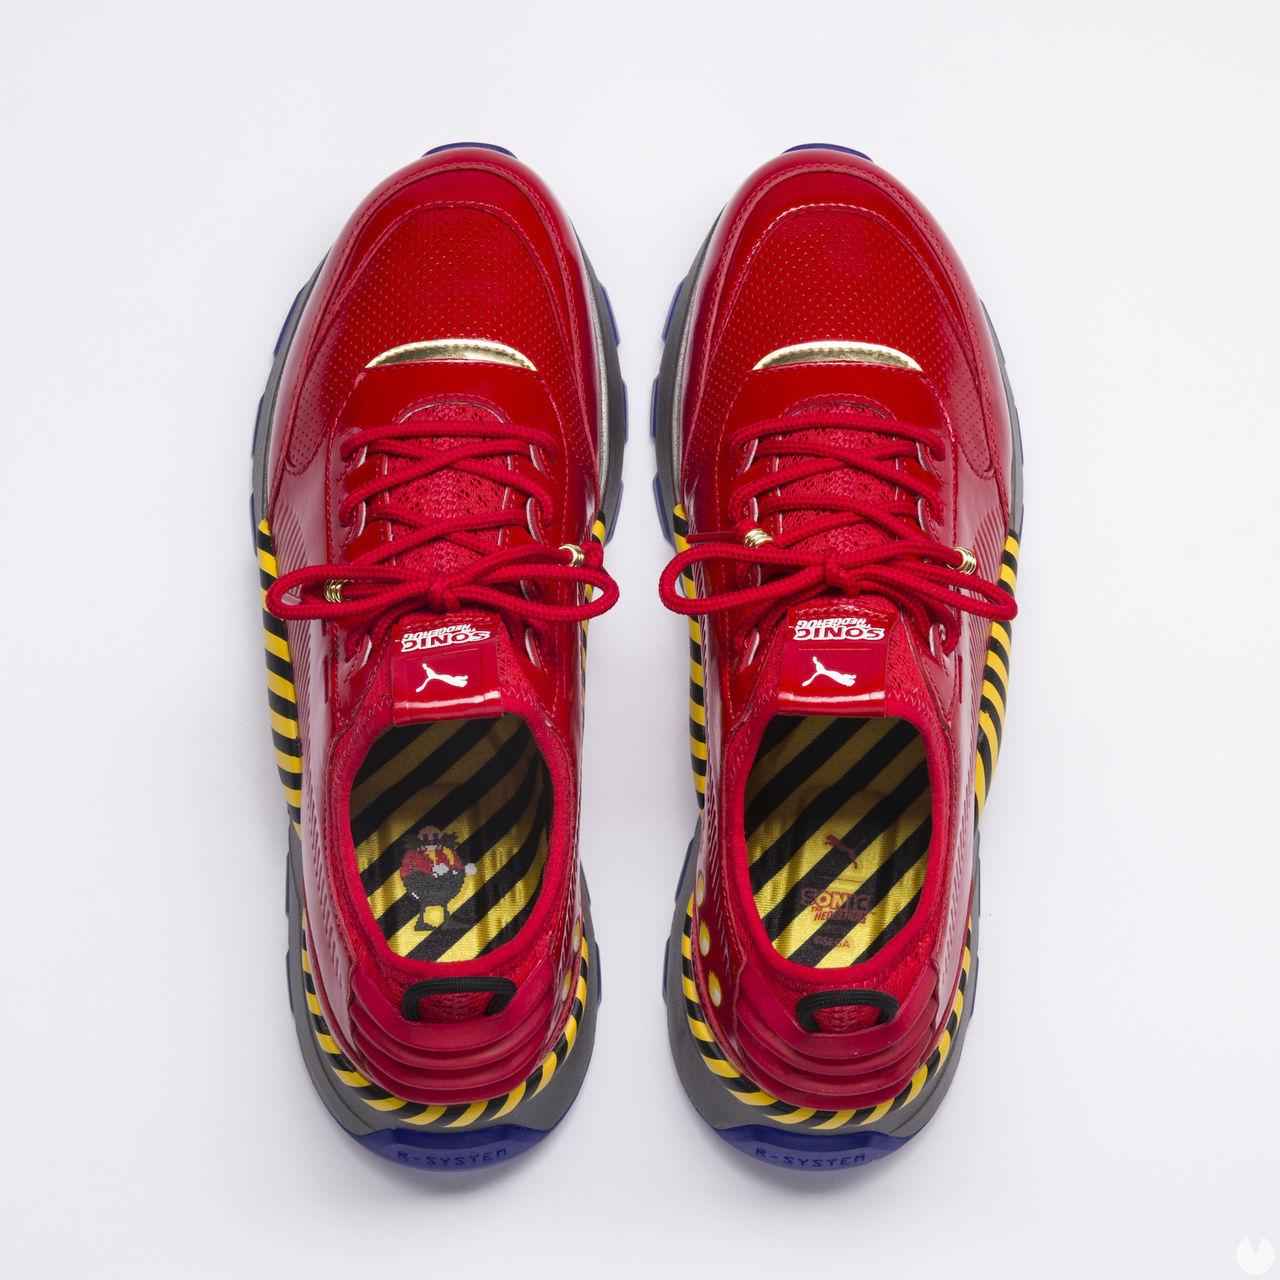 conoce-la-coleccion5-de-zapatillas-oficiales-de-sonic-frikigamers.com